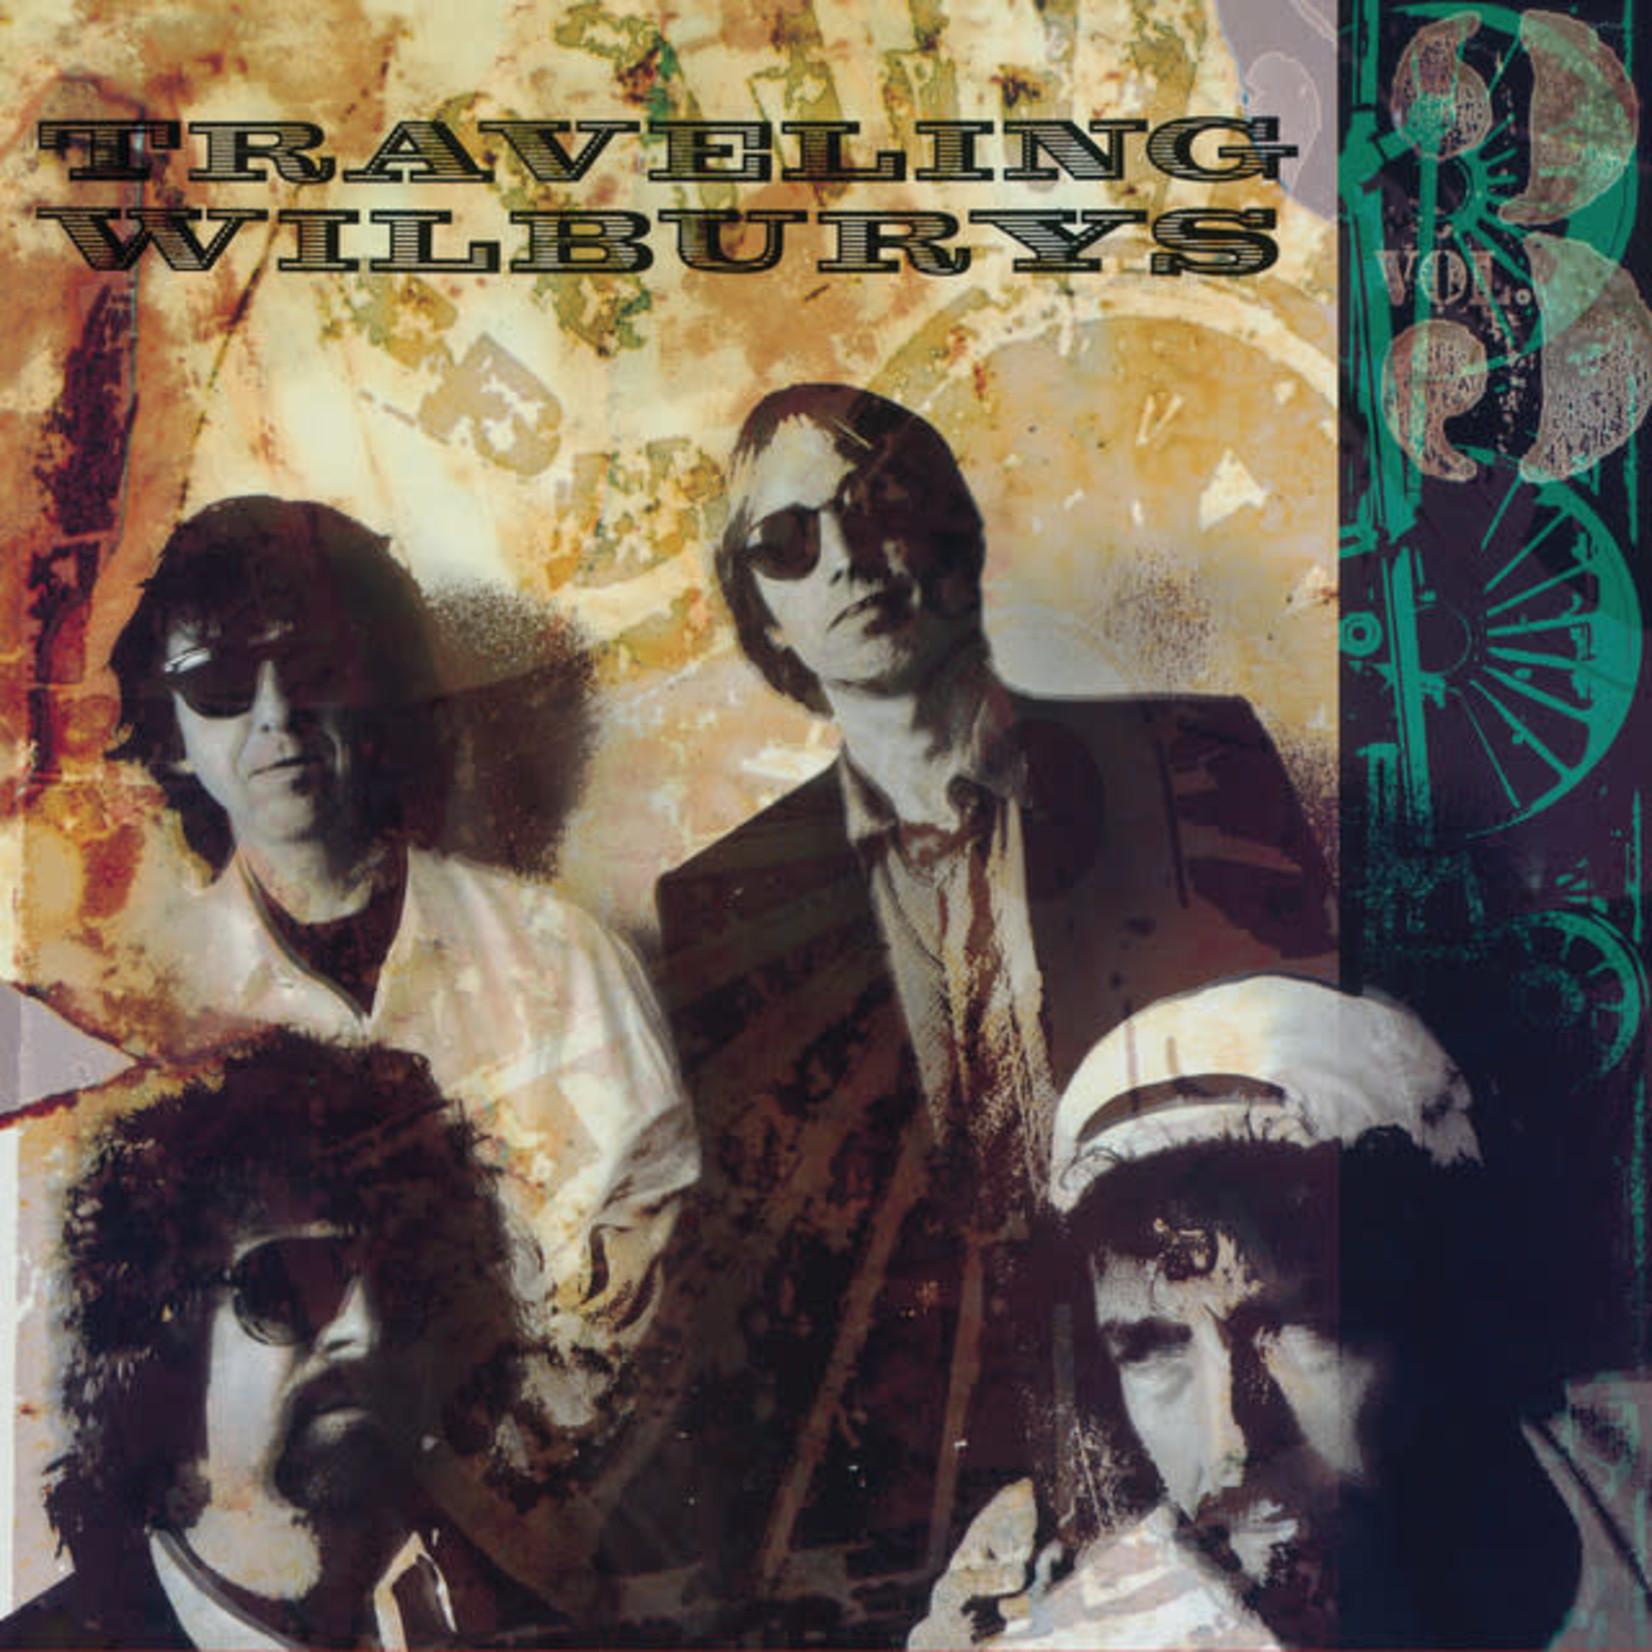 Vinyl Traveling Wilburys - Vol. 3